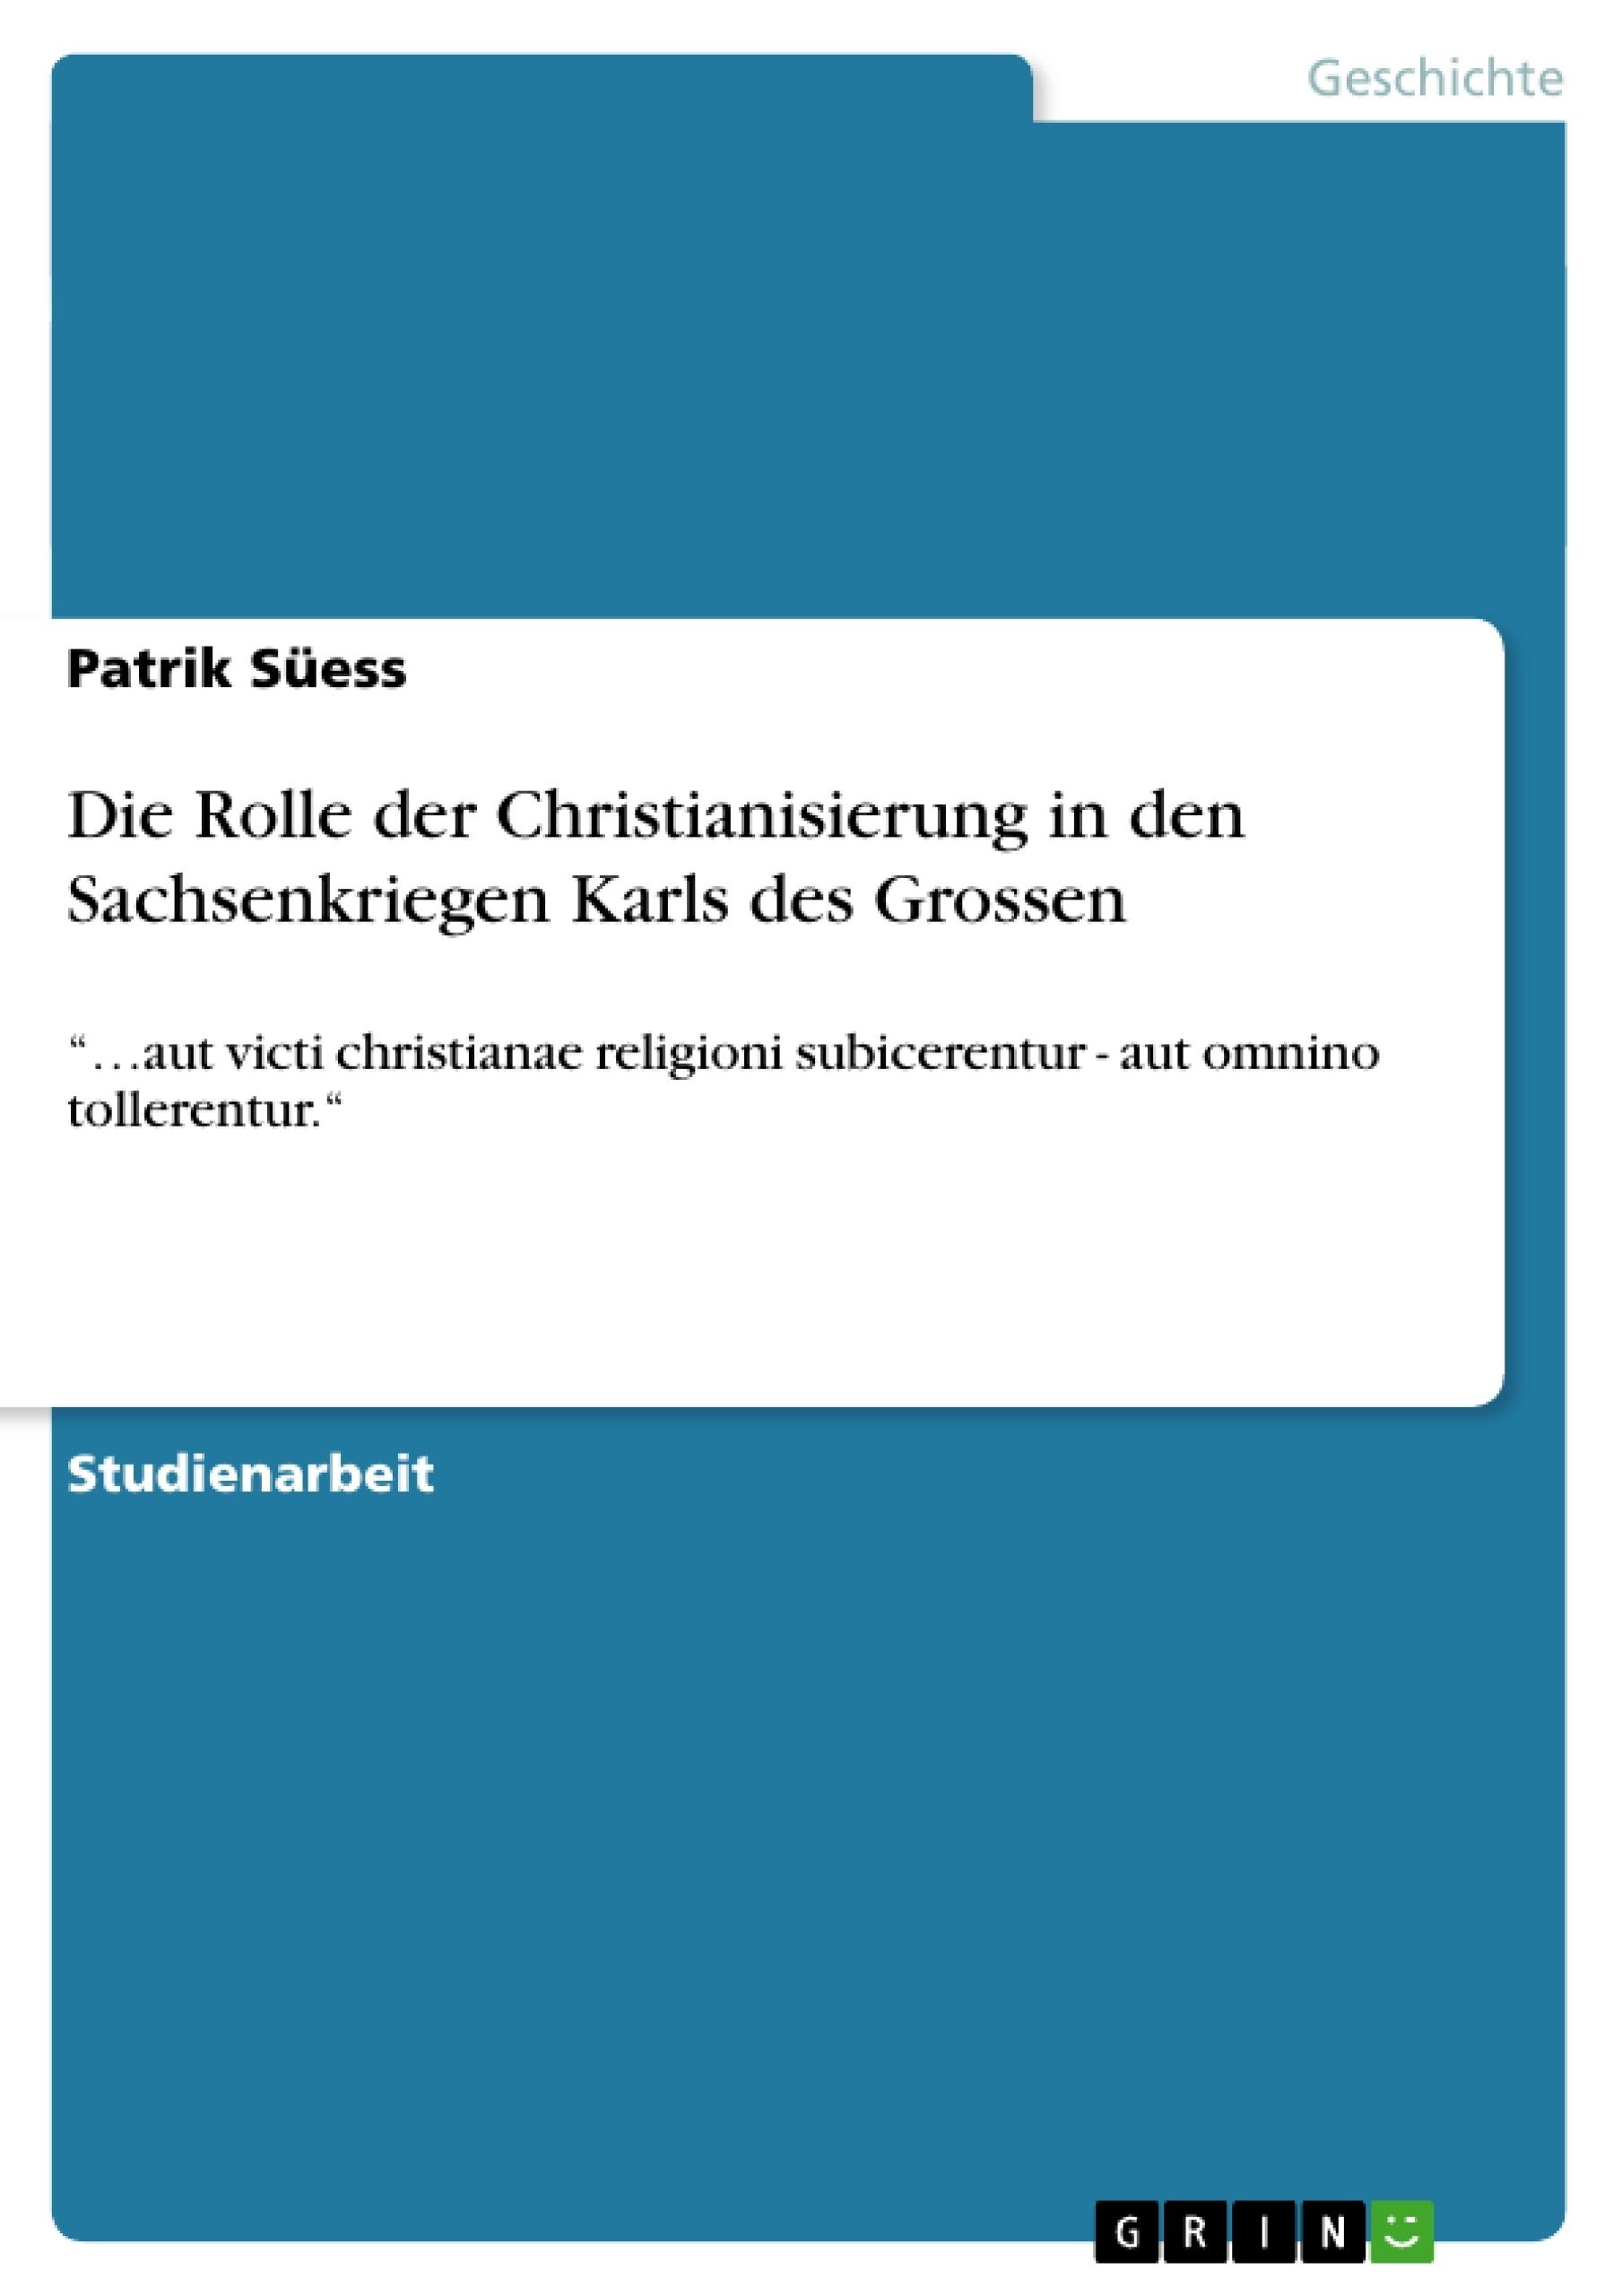 Titel: Die Rolle der Christianisierung in den Sachsenkriegen Karls des Grossen